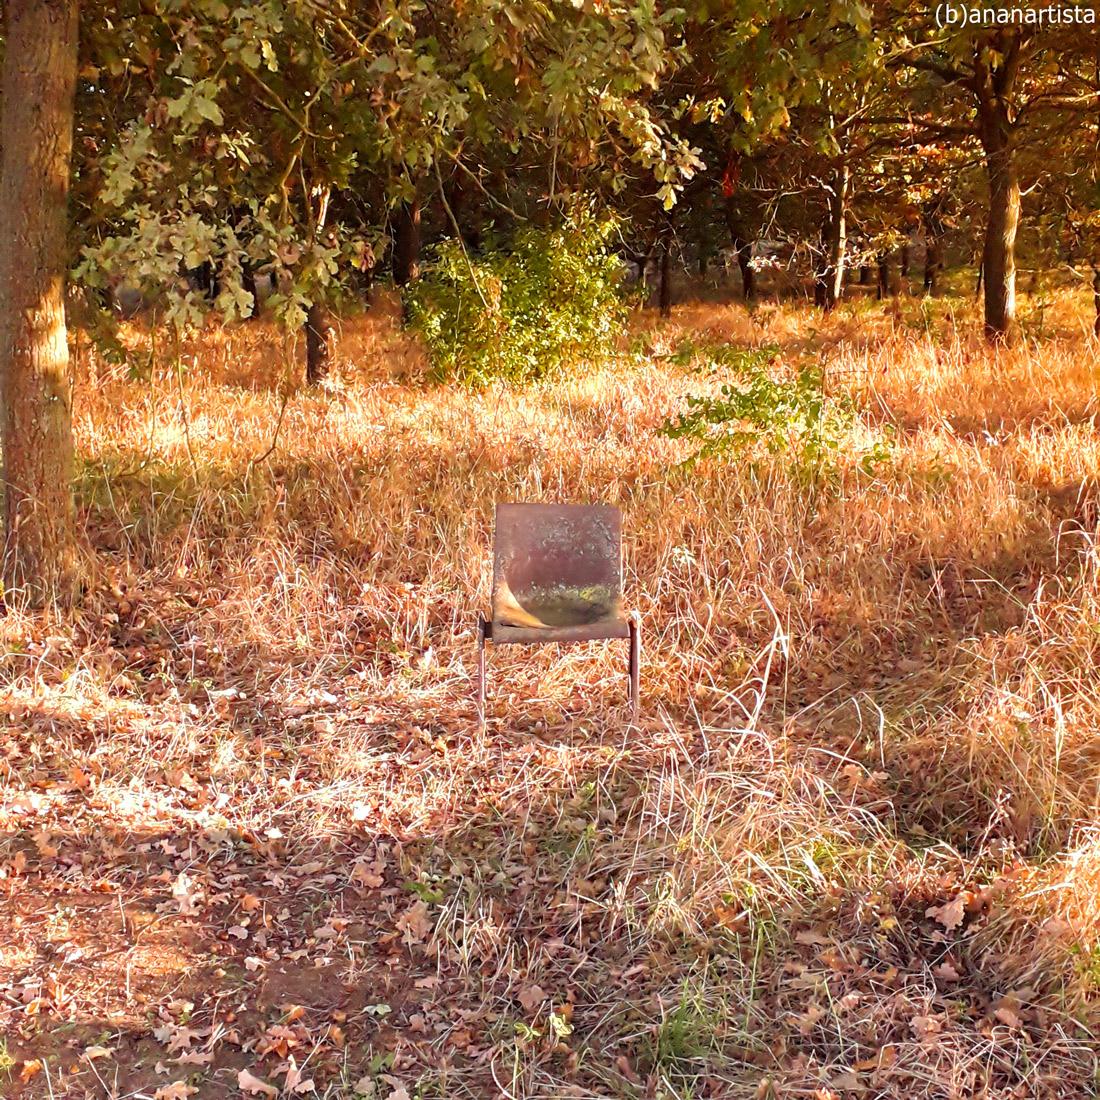 la sedia invisibile : fotografia di (b)ananartista sbuff